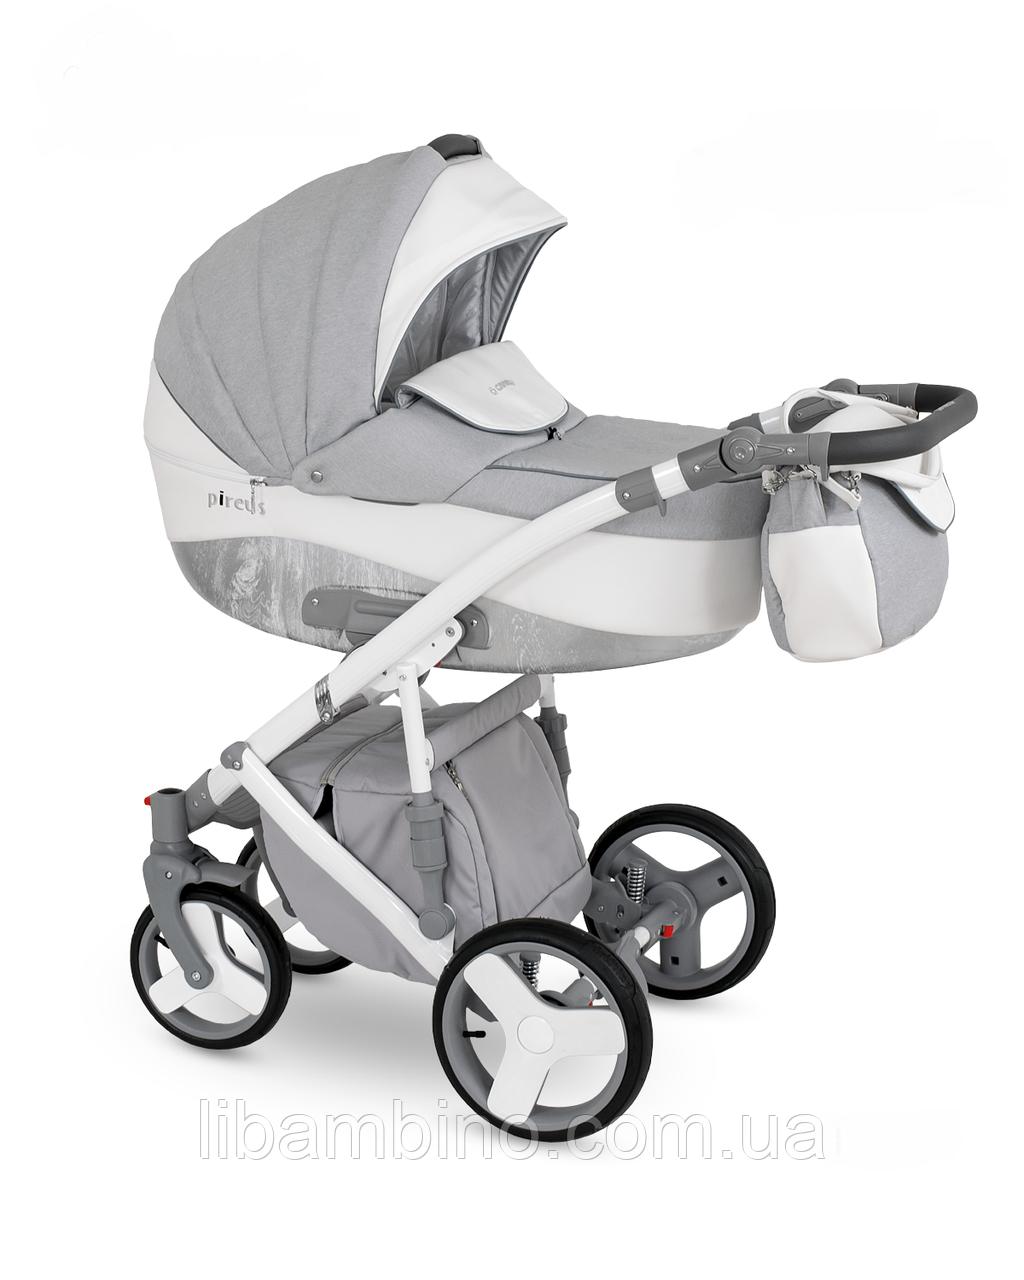 Дитяча універсальна коляска 2 в 1 Camarelo Pireus 01